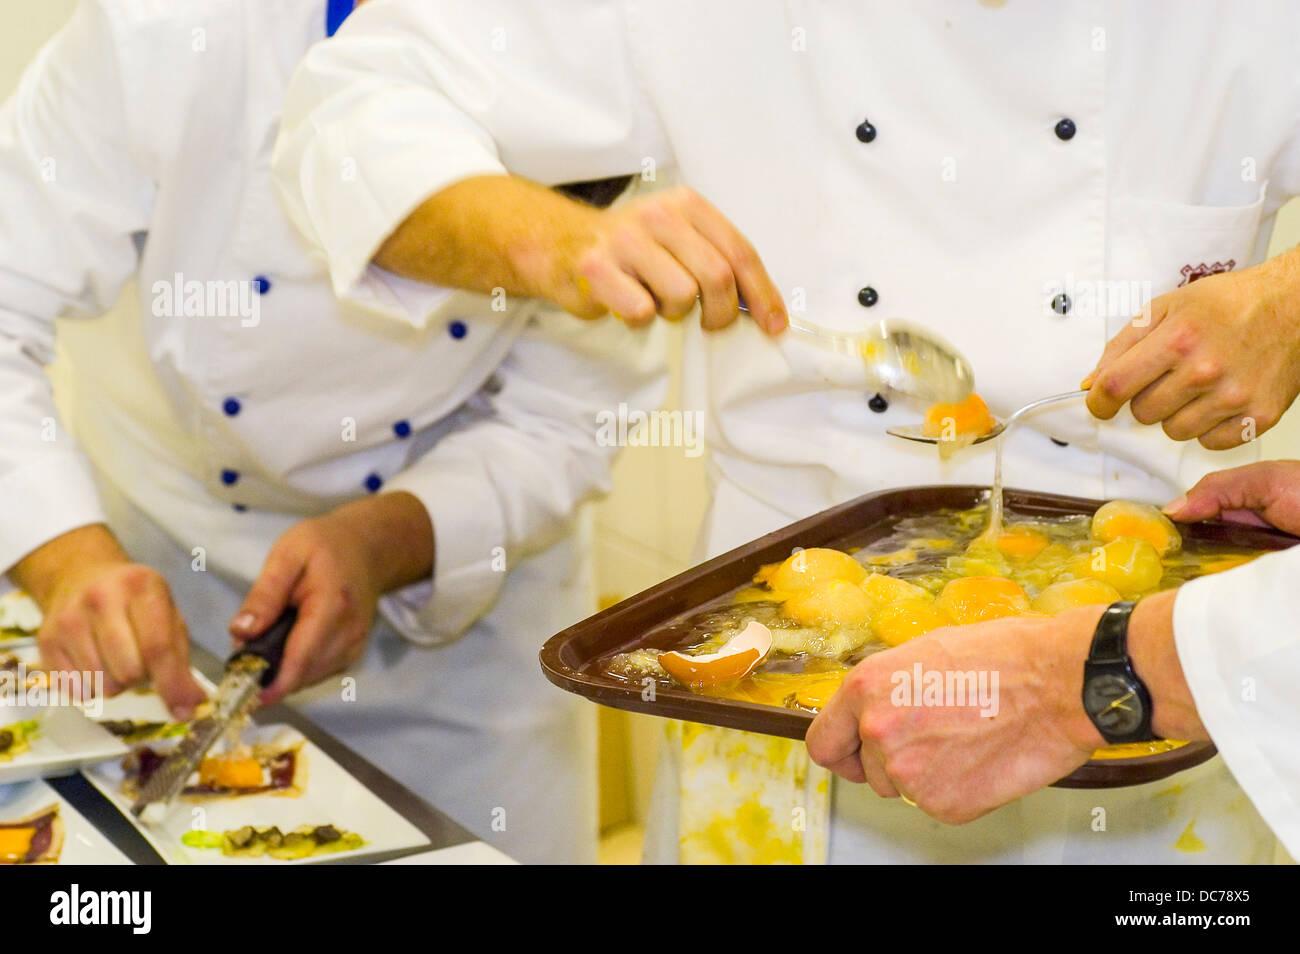 großküche vorbereitung pochierte eier trüffel reiben stock photo